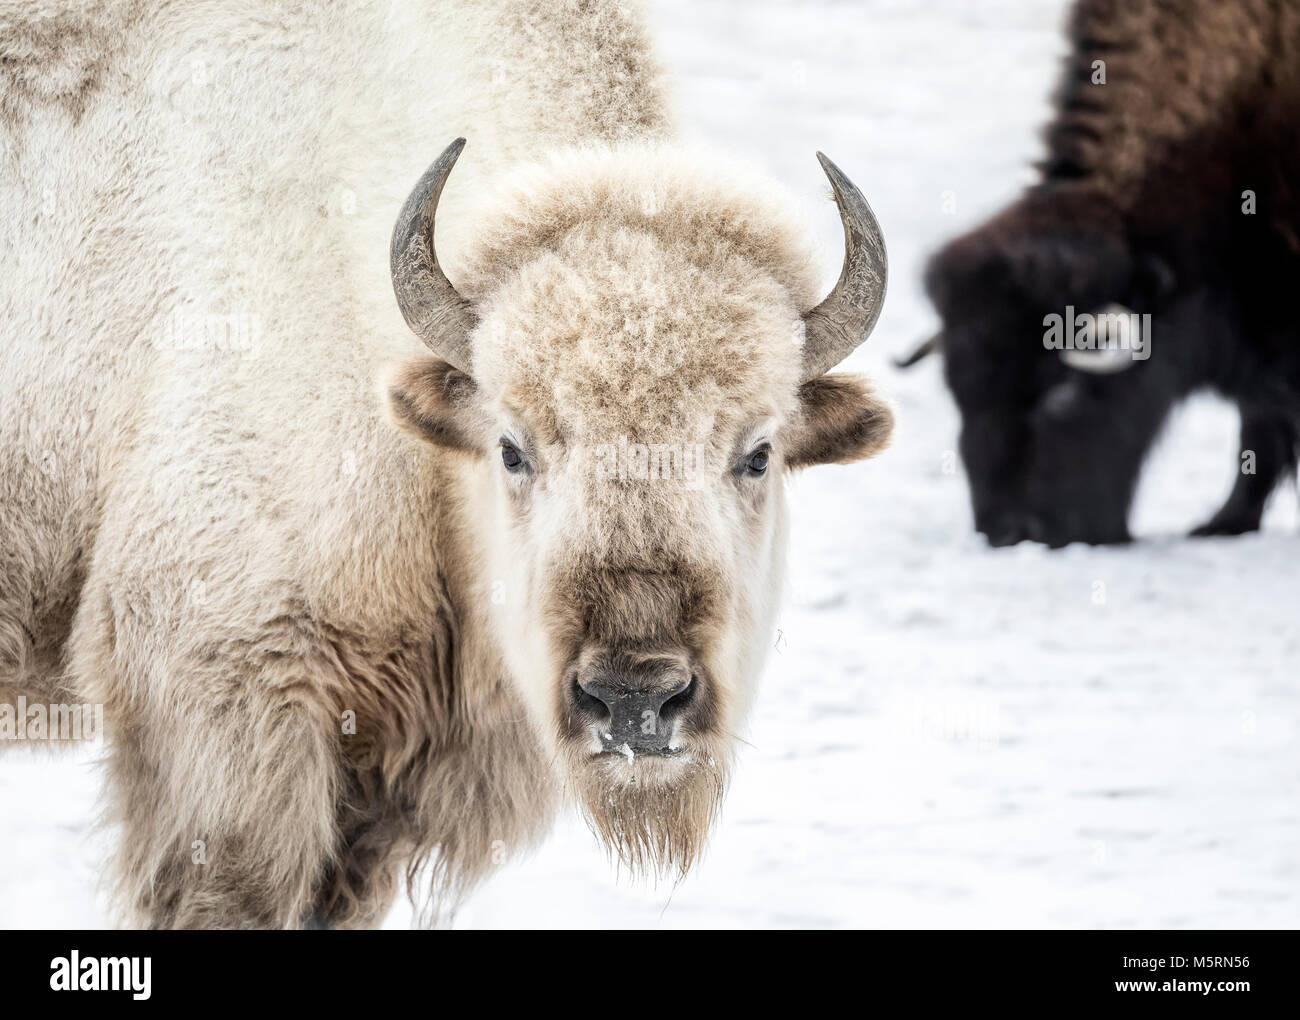 Bisonte Blanco sagrado, Manitoba, Canadá. Imagen De Stock